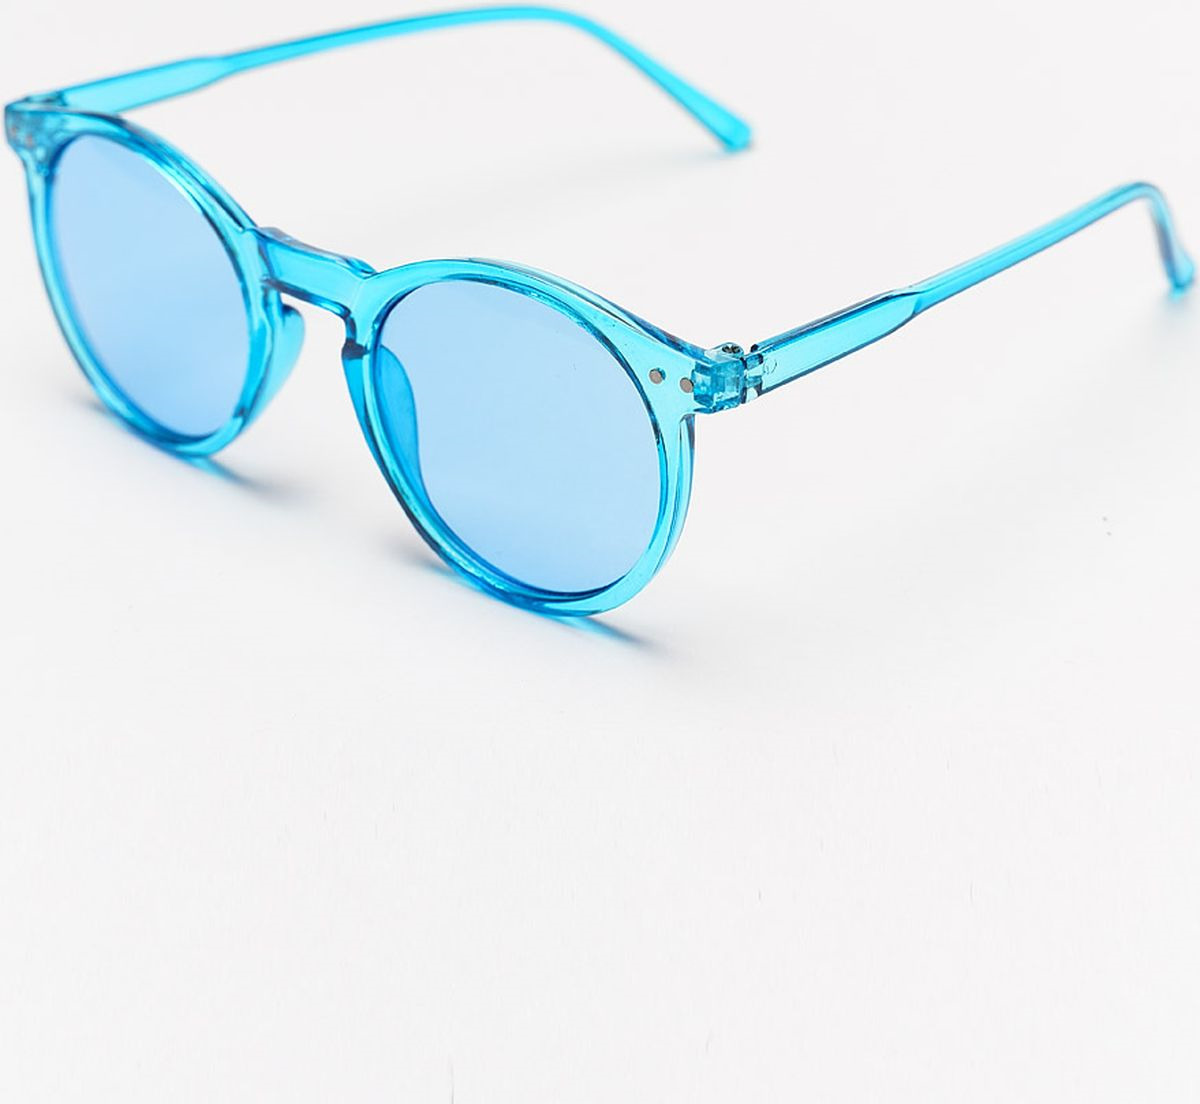 Очки солнцезащитные женские ТВОЕ, A4347, голубой